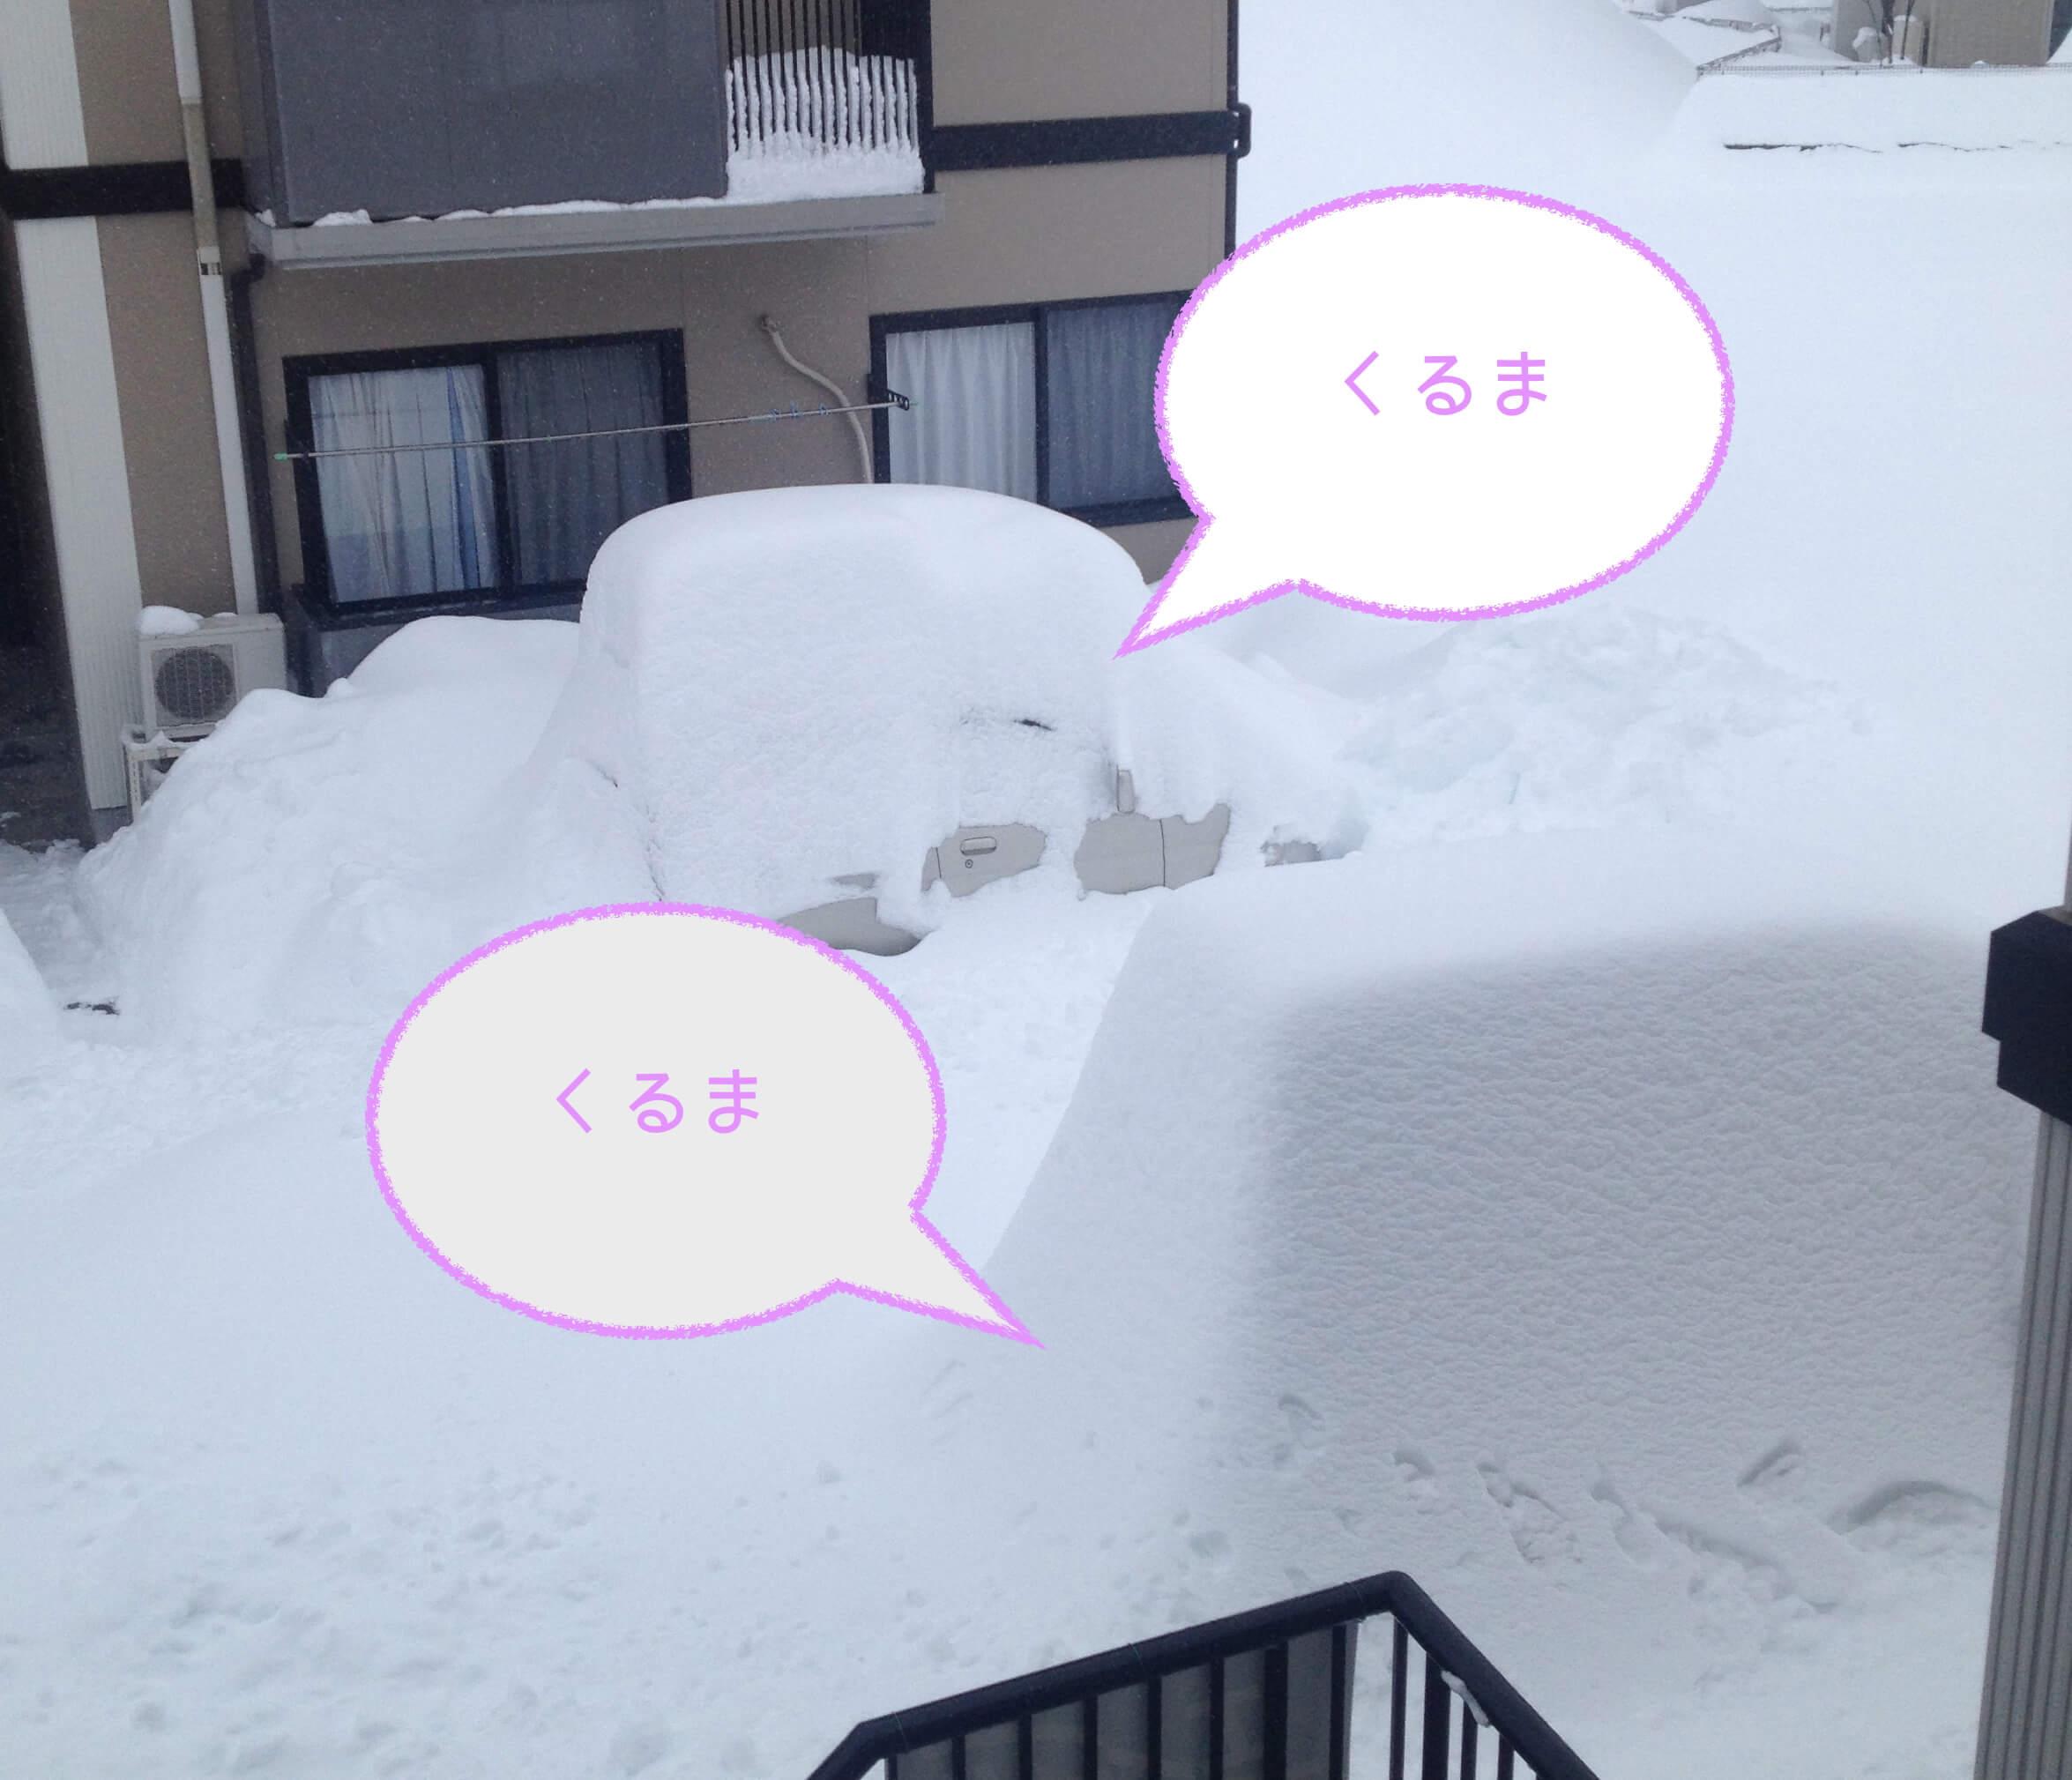 未曾有の大雪に学んだ!「備えあれば憂いなし」という教訓を活かしてみようと思う